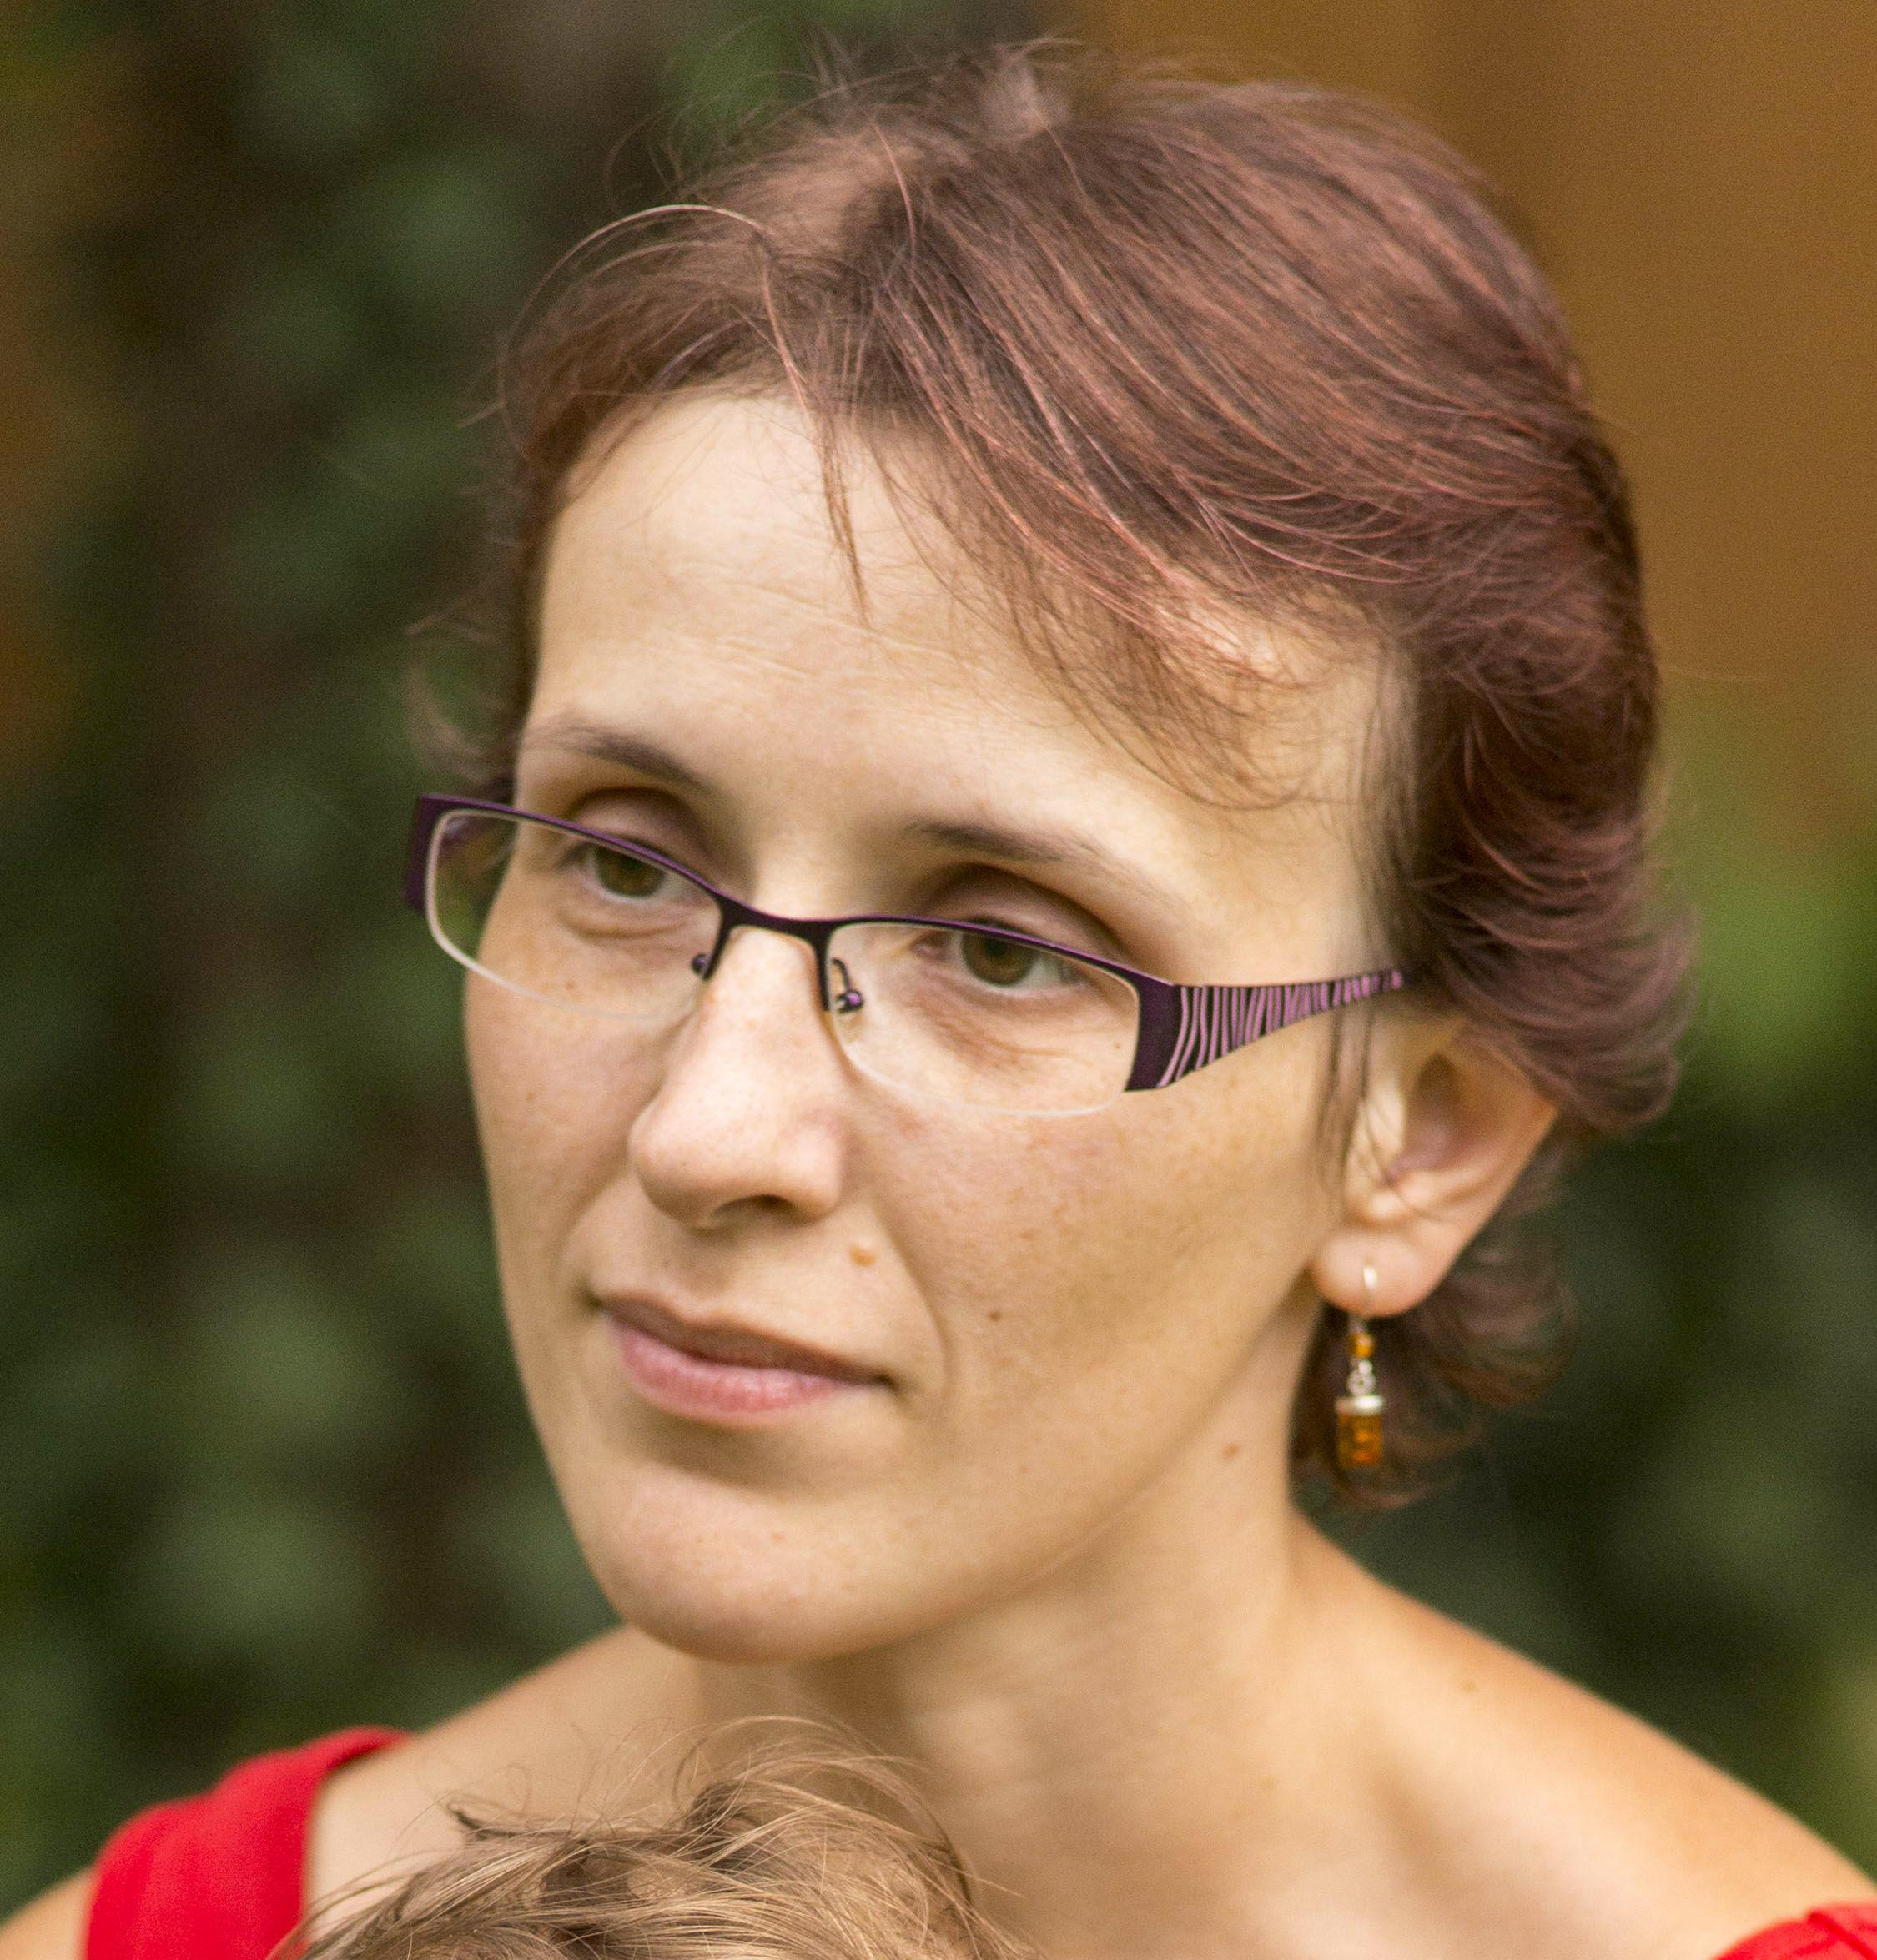 Nina Michalak, urodzona w Warszawie w 1981 roku. Z wykształcenia mgr pedagogiki, z powołania i wyboru – matka. Praktyk edukacji domowej. Radykalny katolik. - nina_michalak